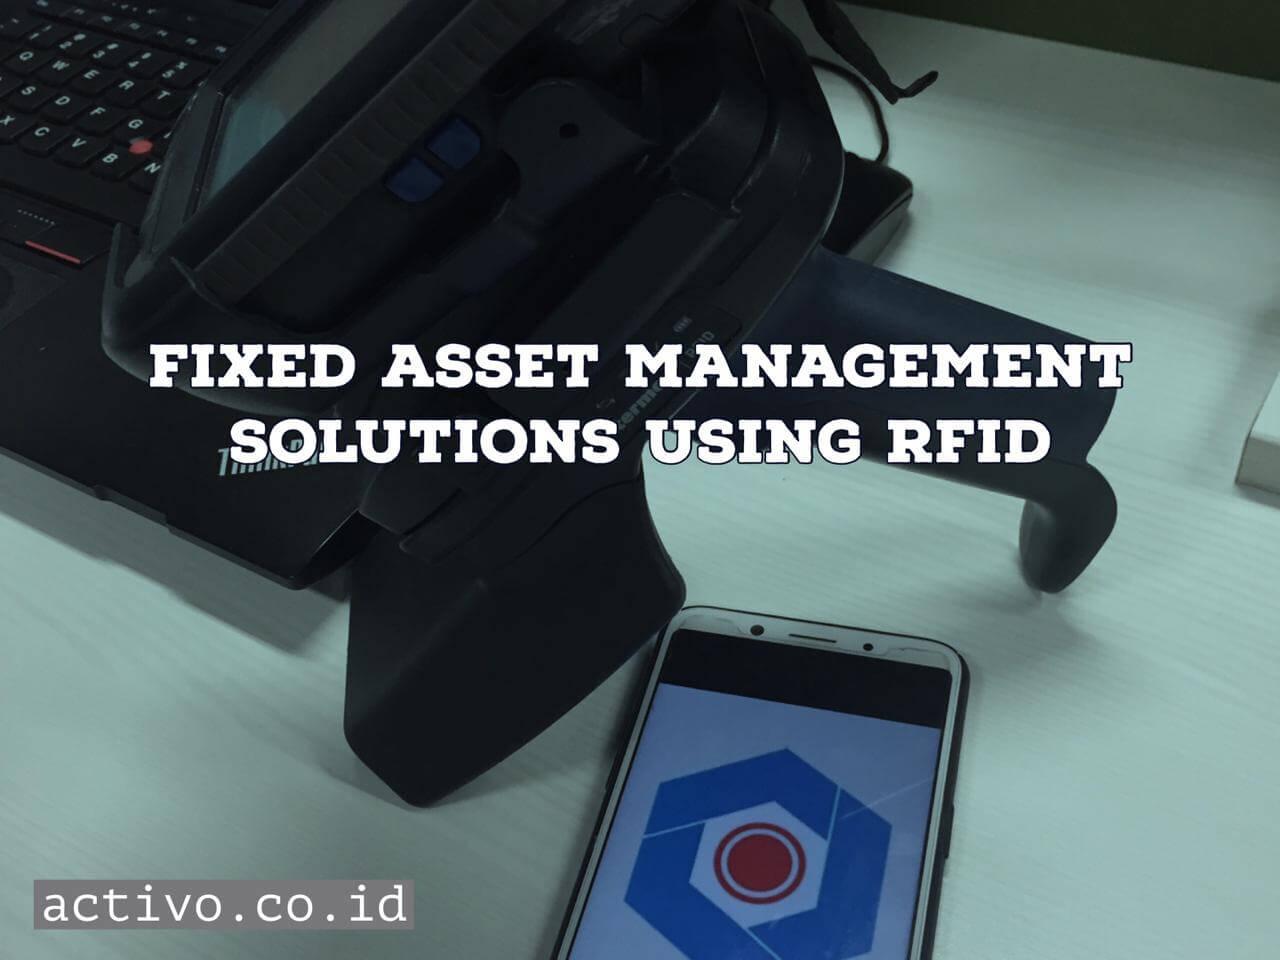 Solusi Fixed Asset Management menggunakan RFID